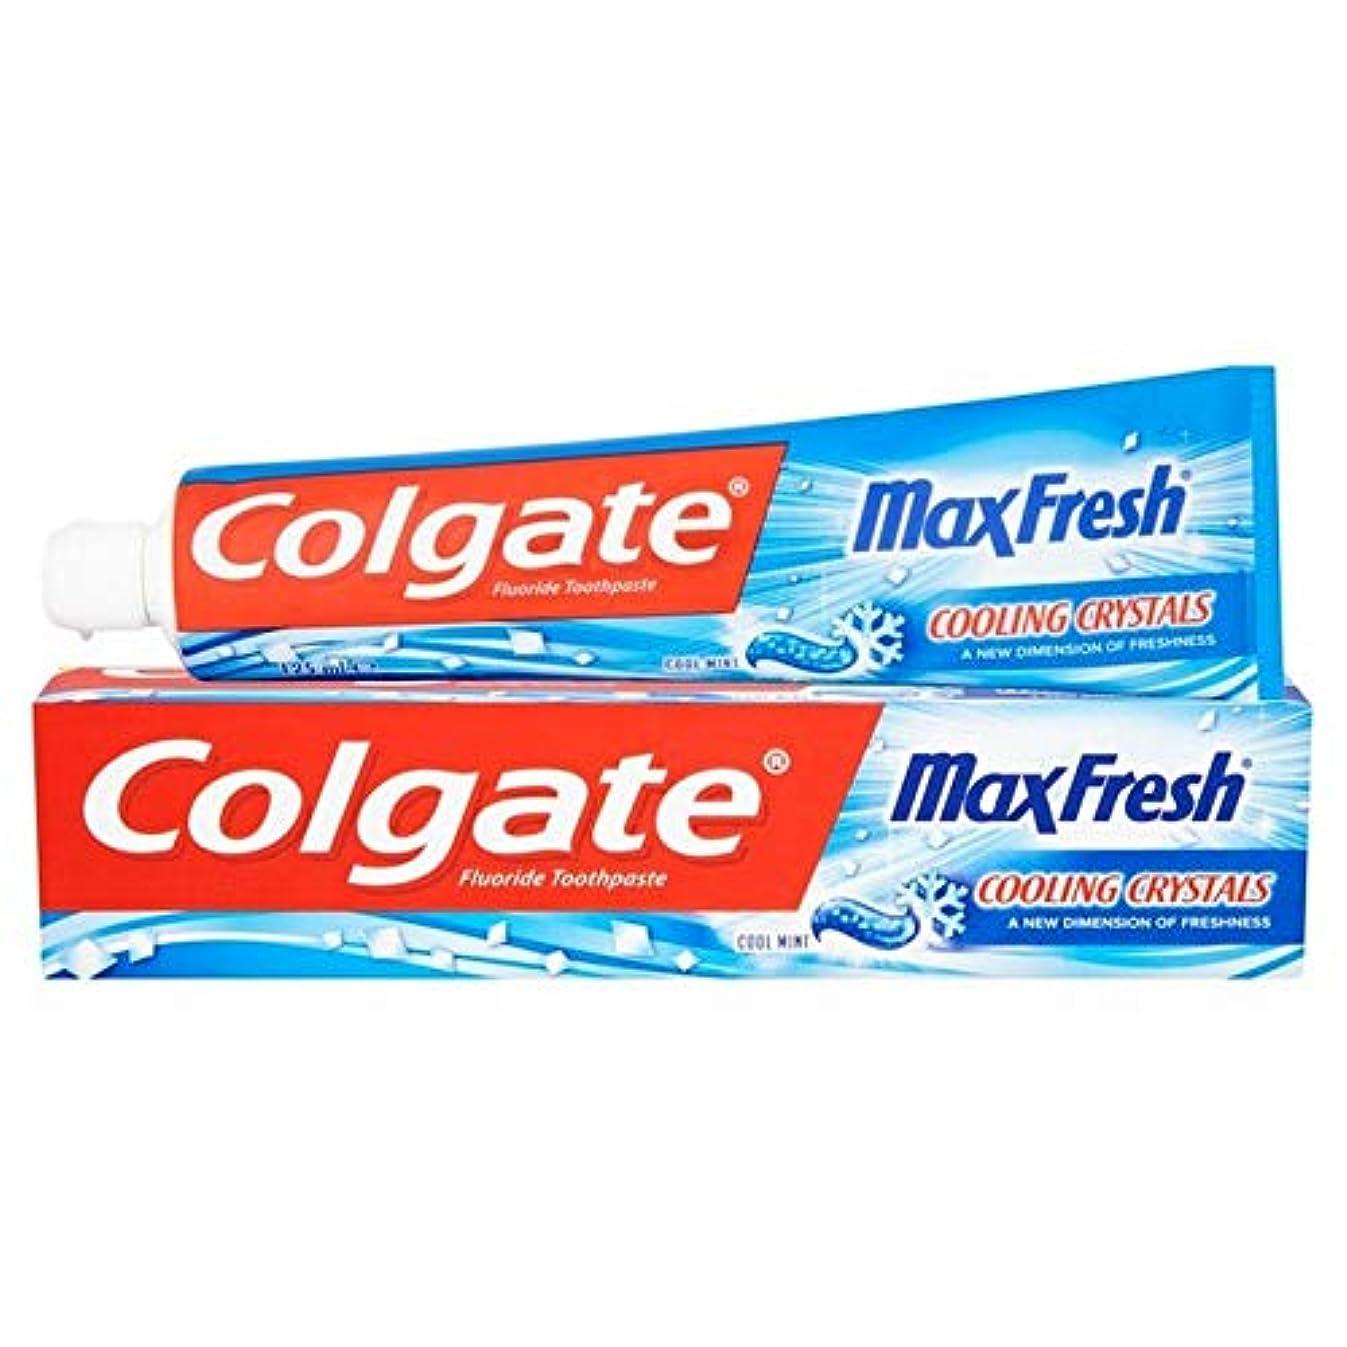 大西洋手術反対に[Colgate ] 冷却結晶歯磨き粉の125ミリリットル新鮮なコルゲートマックス - Colgate Max Fresh with Cooling Crystals Toothpaste 125ml [並行輸入品]